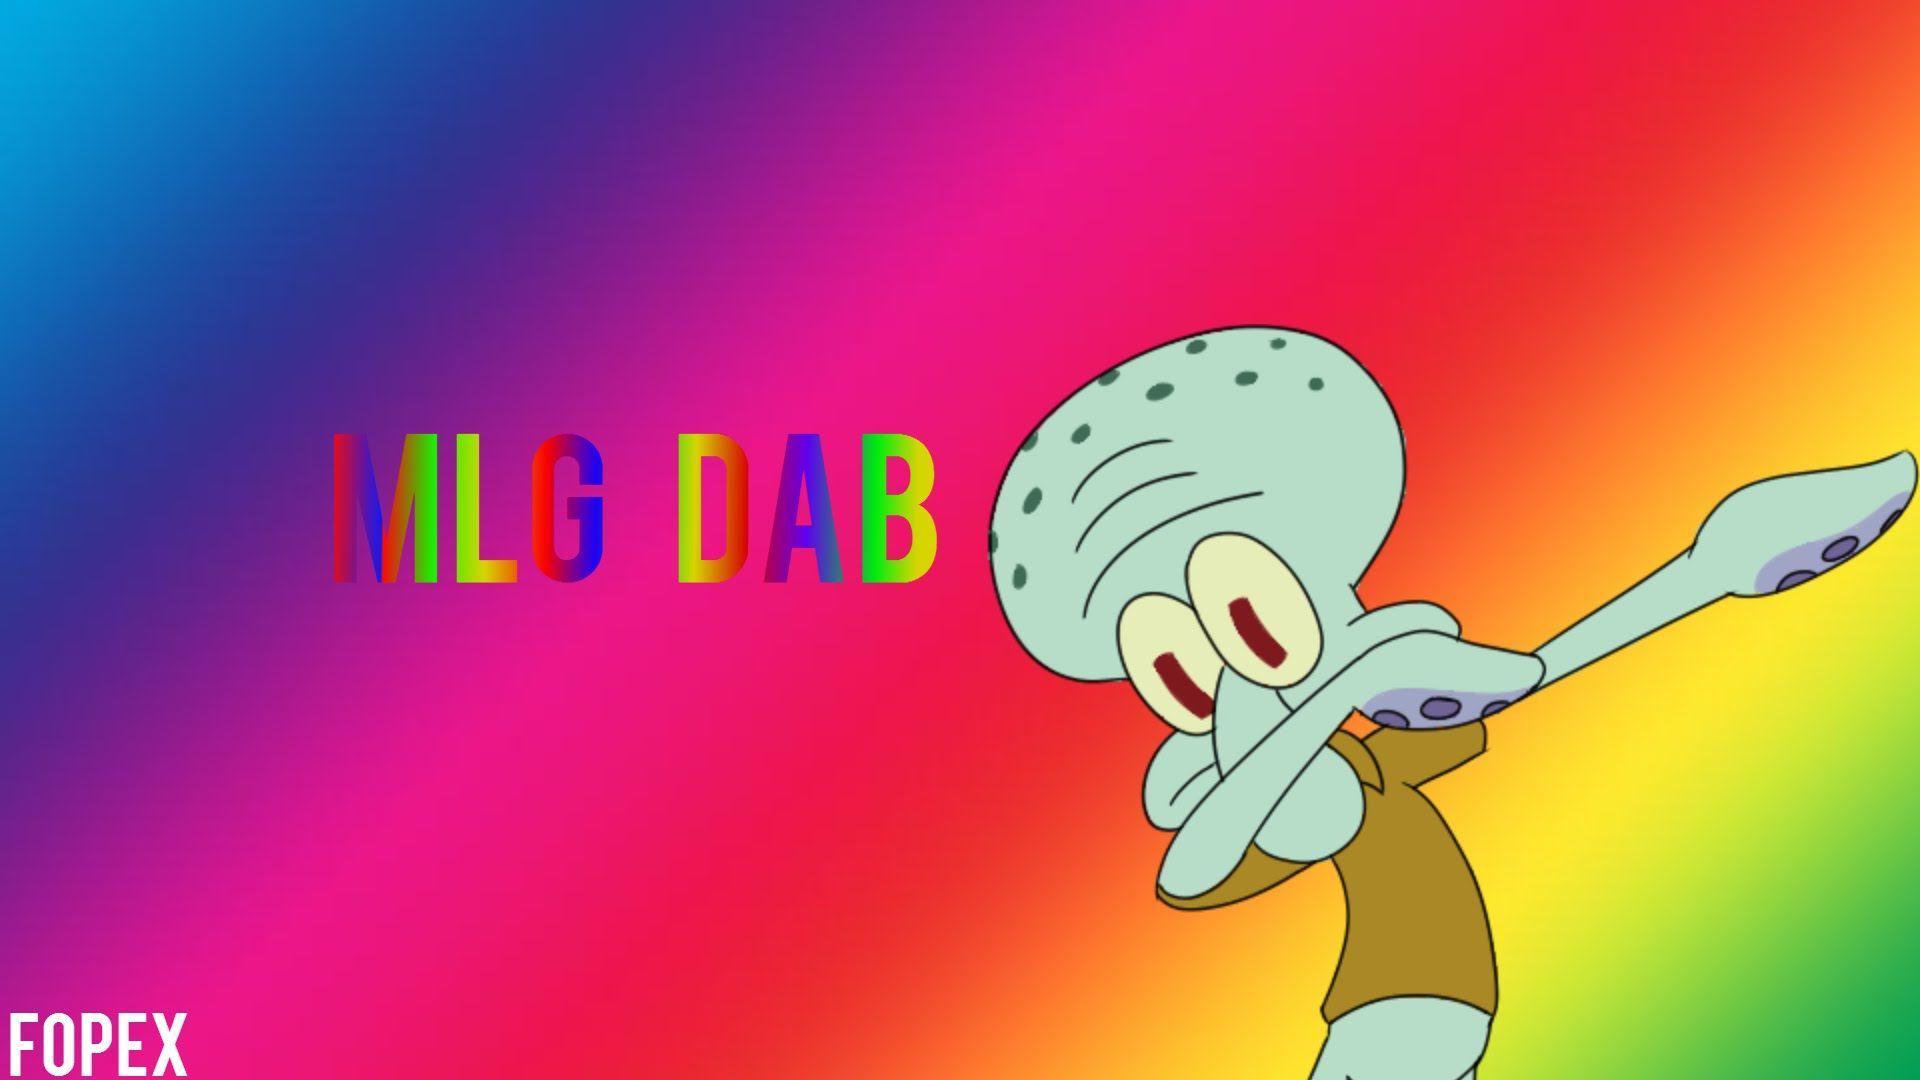 Best 50+ DAB Wallpaper on HipWallpaper | DAB Wallpaper, DAB Dance .